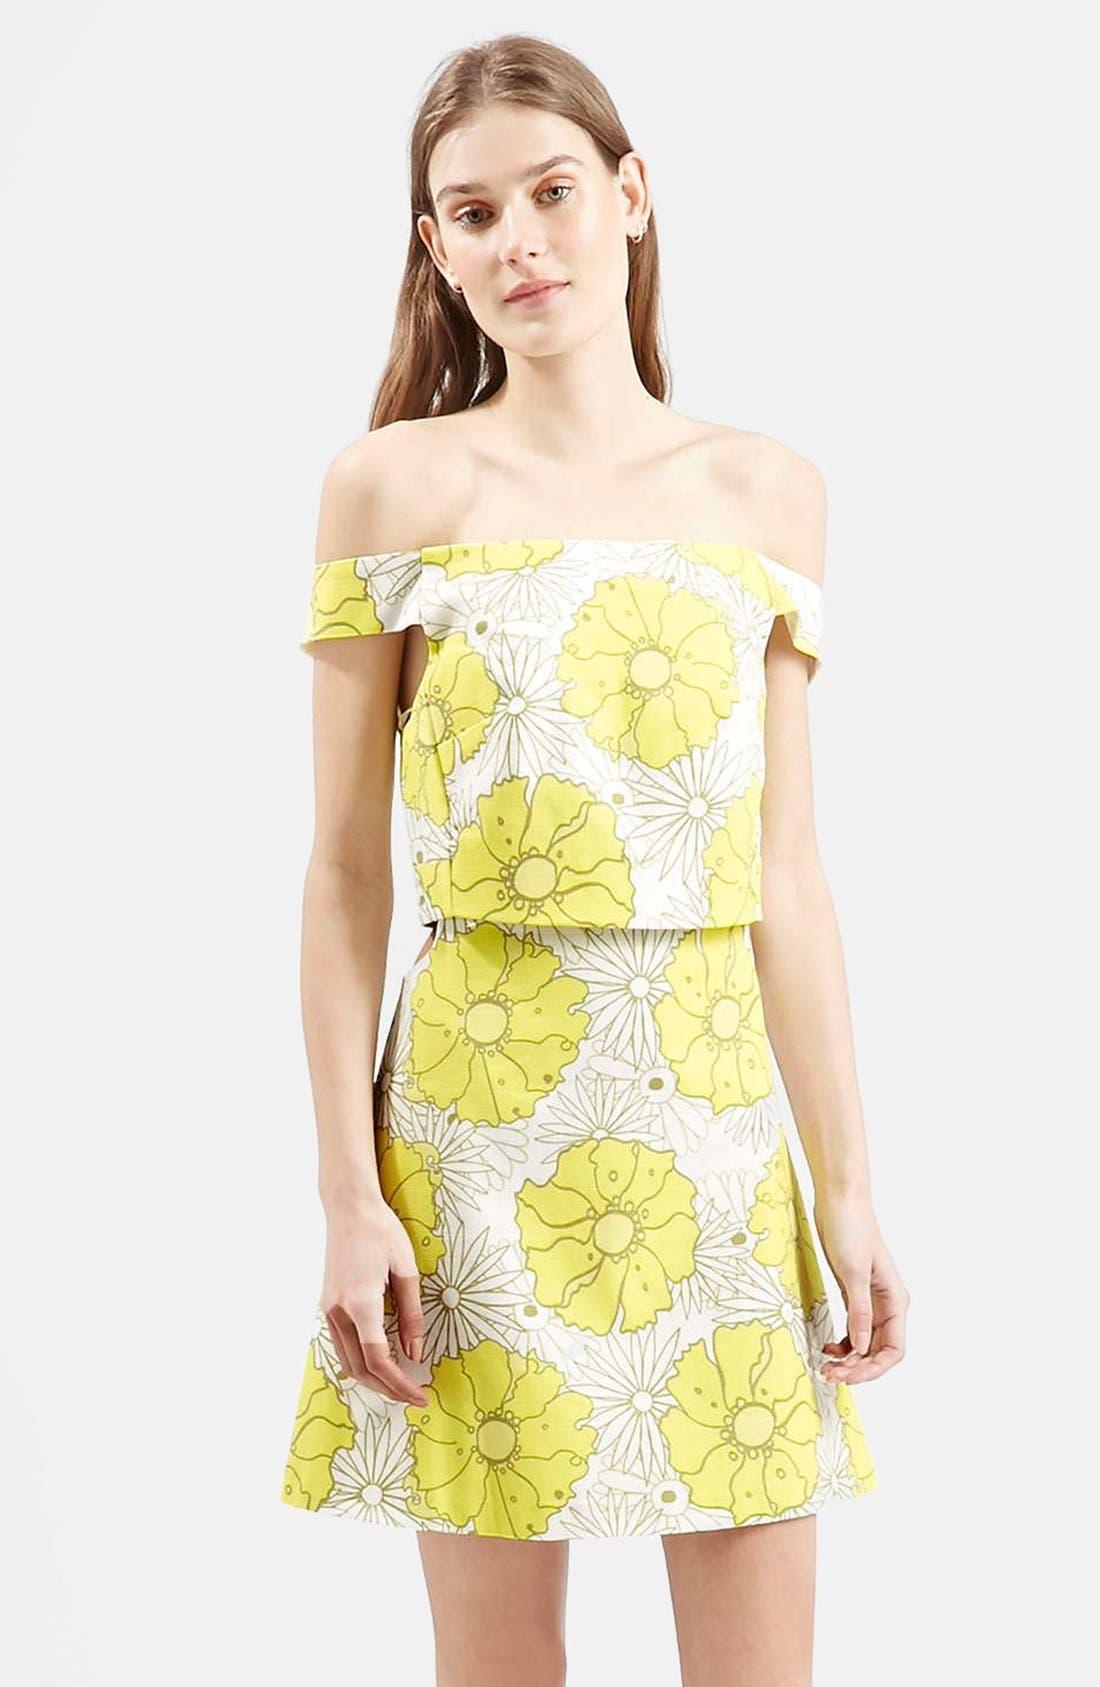 Alternate Image 1 Selected - Topshop 'Abigail' Floral Print Off the Shoulder Dress